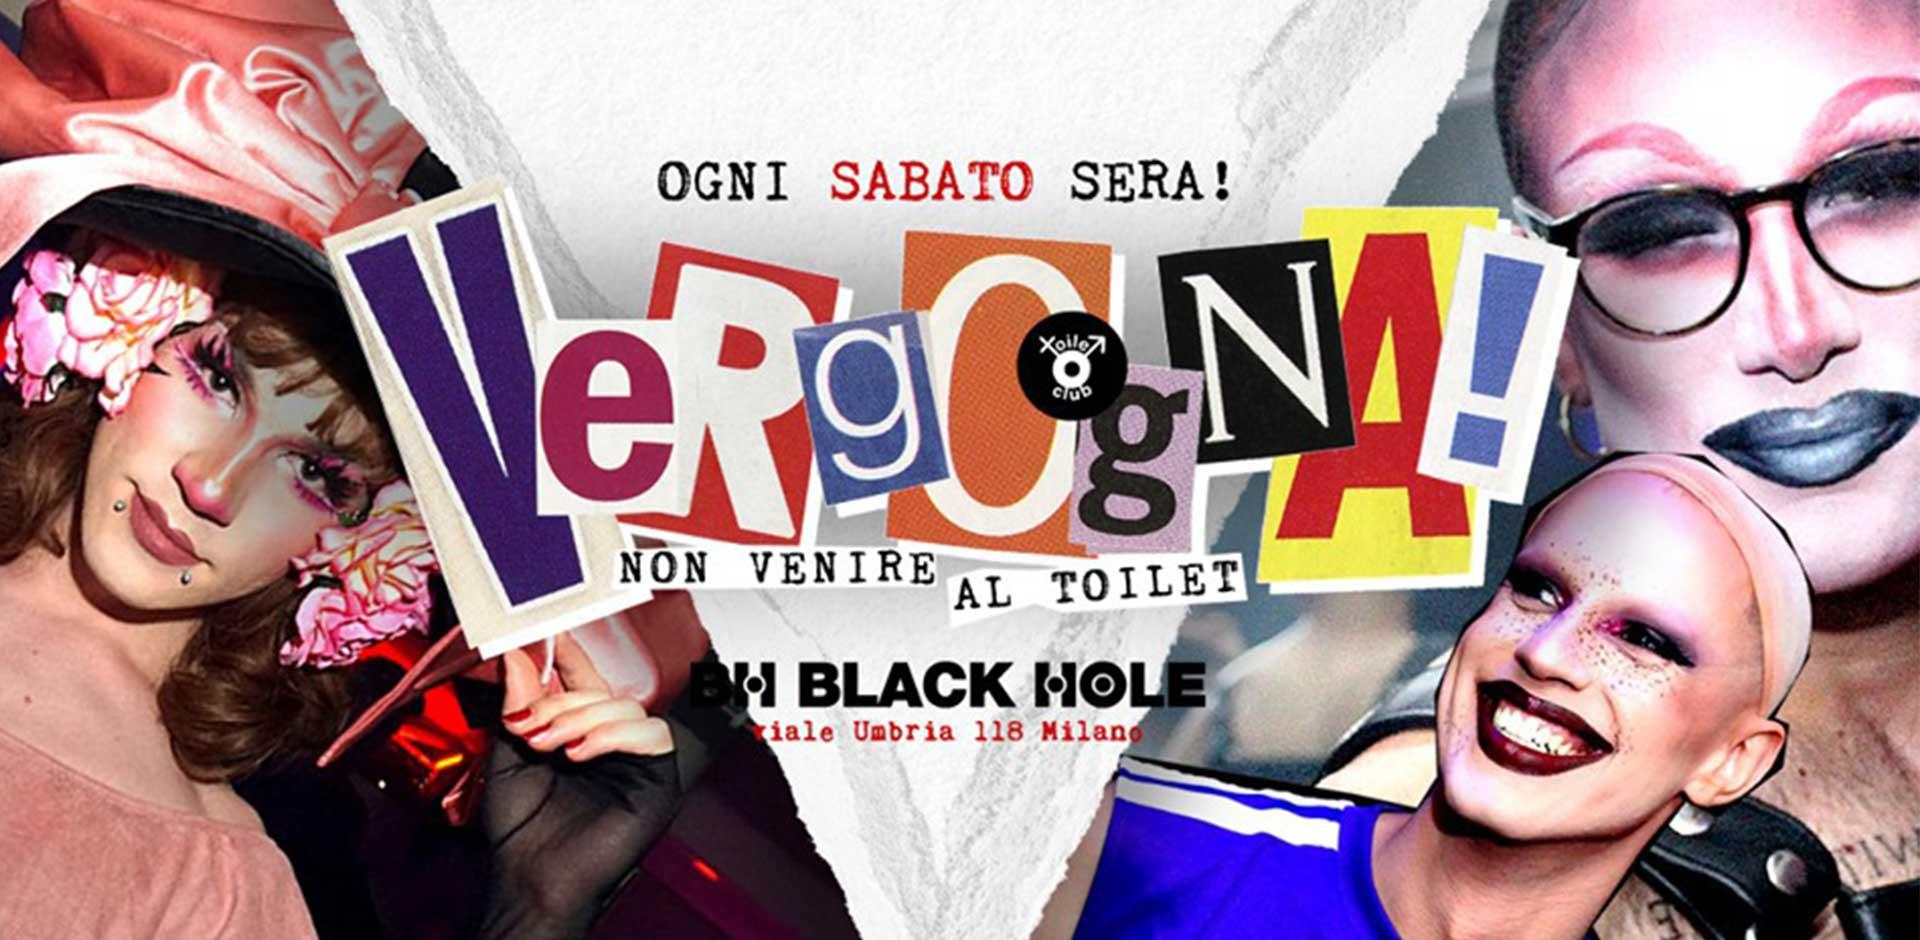 Black Hole Milano | Discoteche e night club a Milano per feste e musica dal vivo | Discoteca Milano evento Vergogna Opening